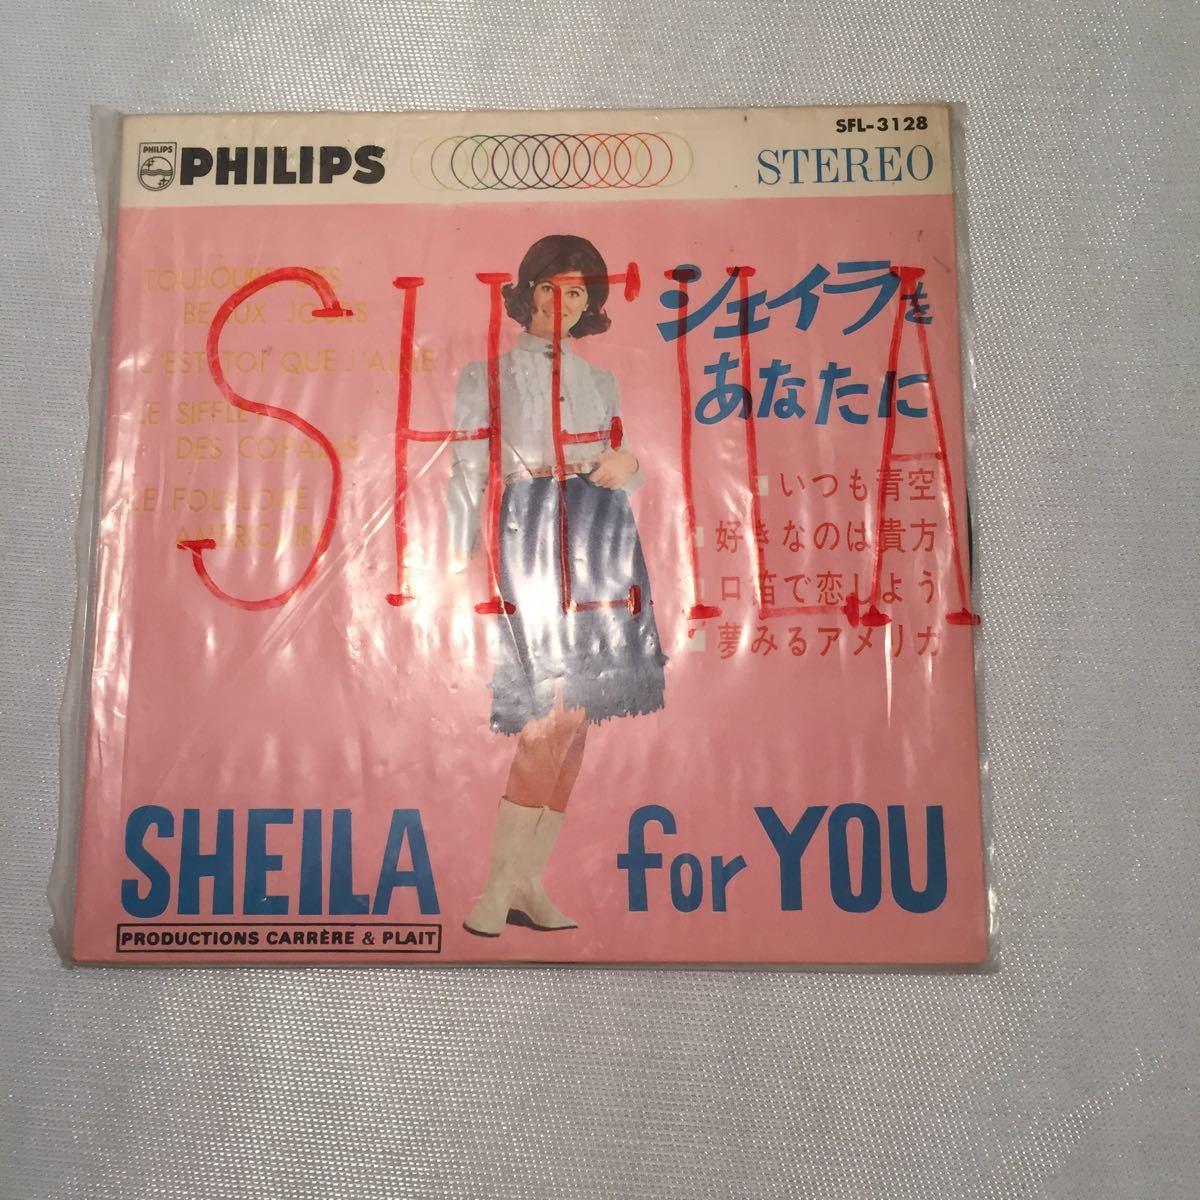 シェイラをあなたに EPレコード SHEILA for YOU _画像1